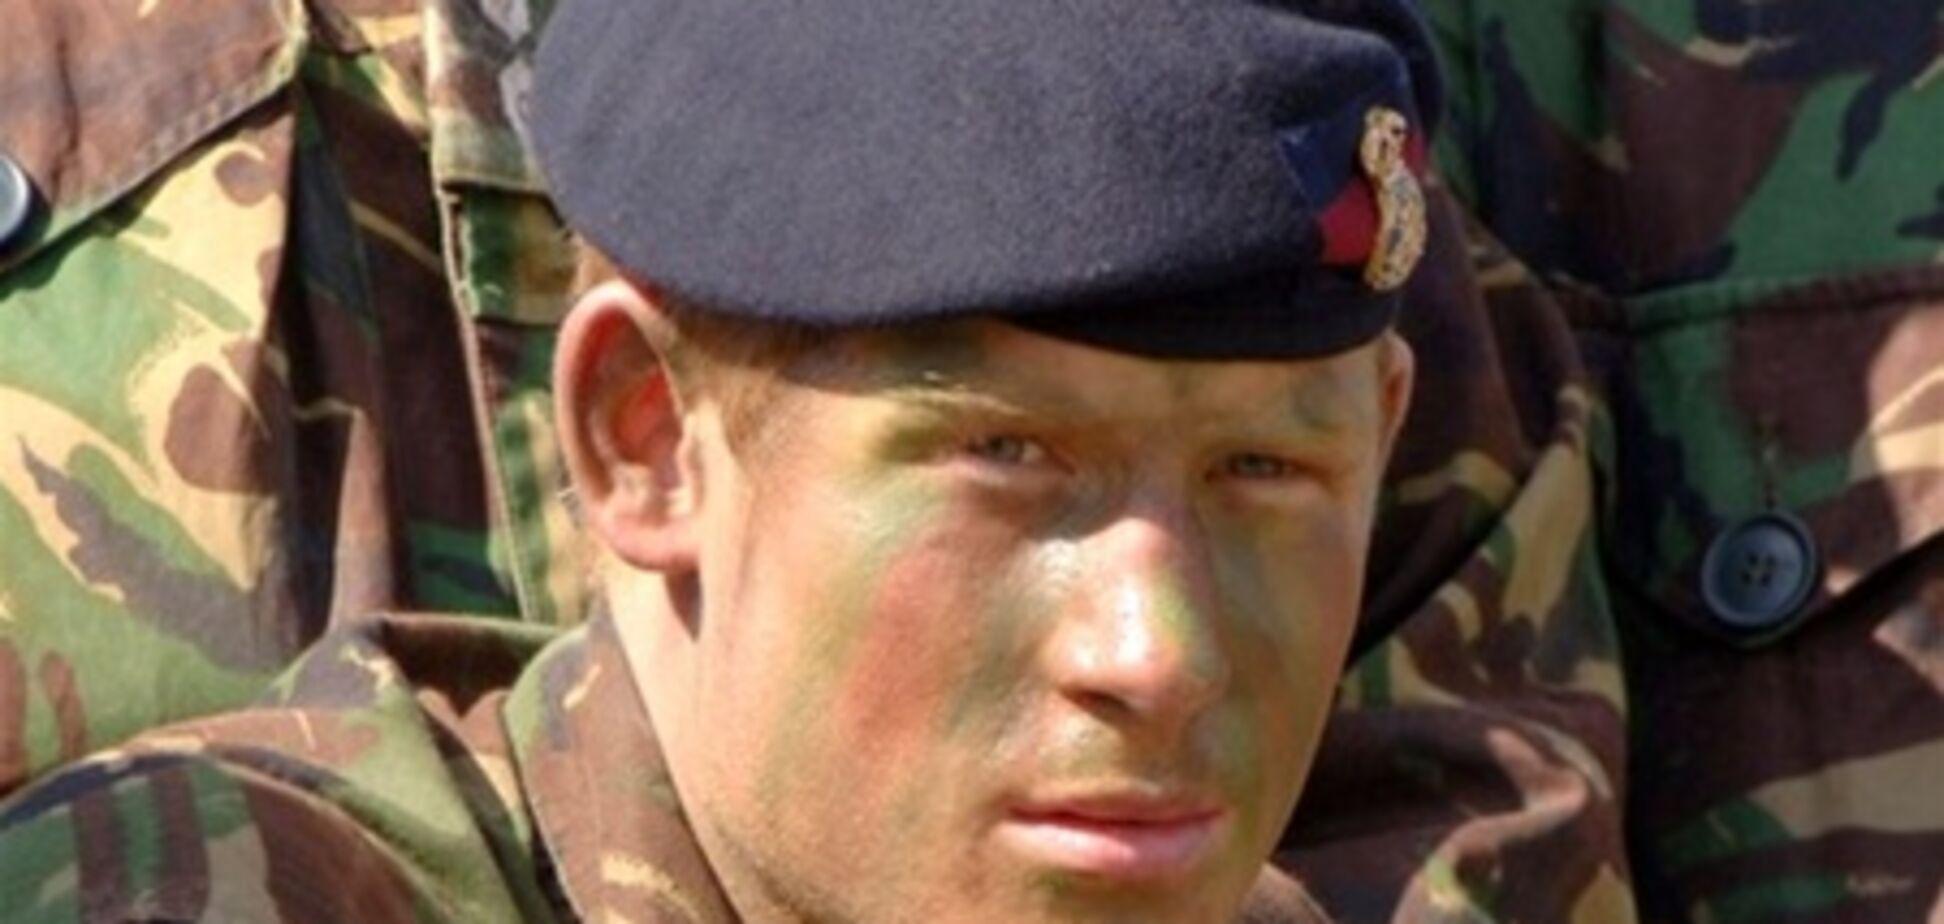 Талибы, напавшие на военную базу с принцем Гарри, уничтожили шесть истребителей